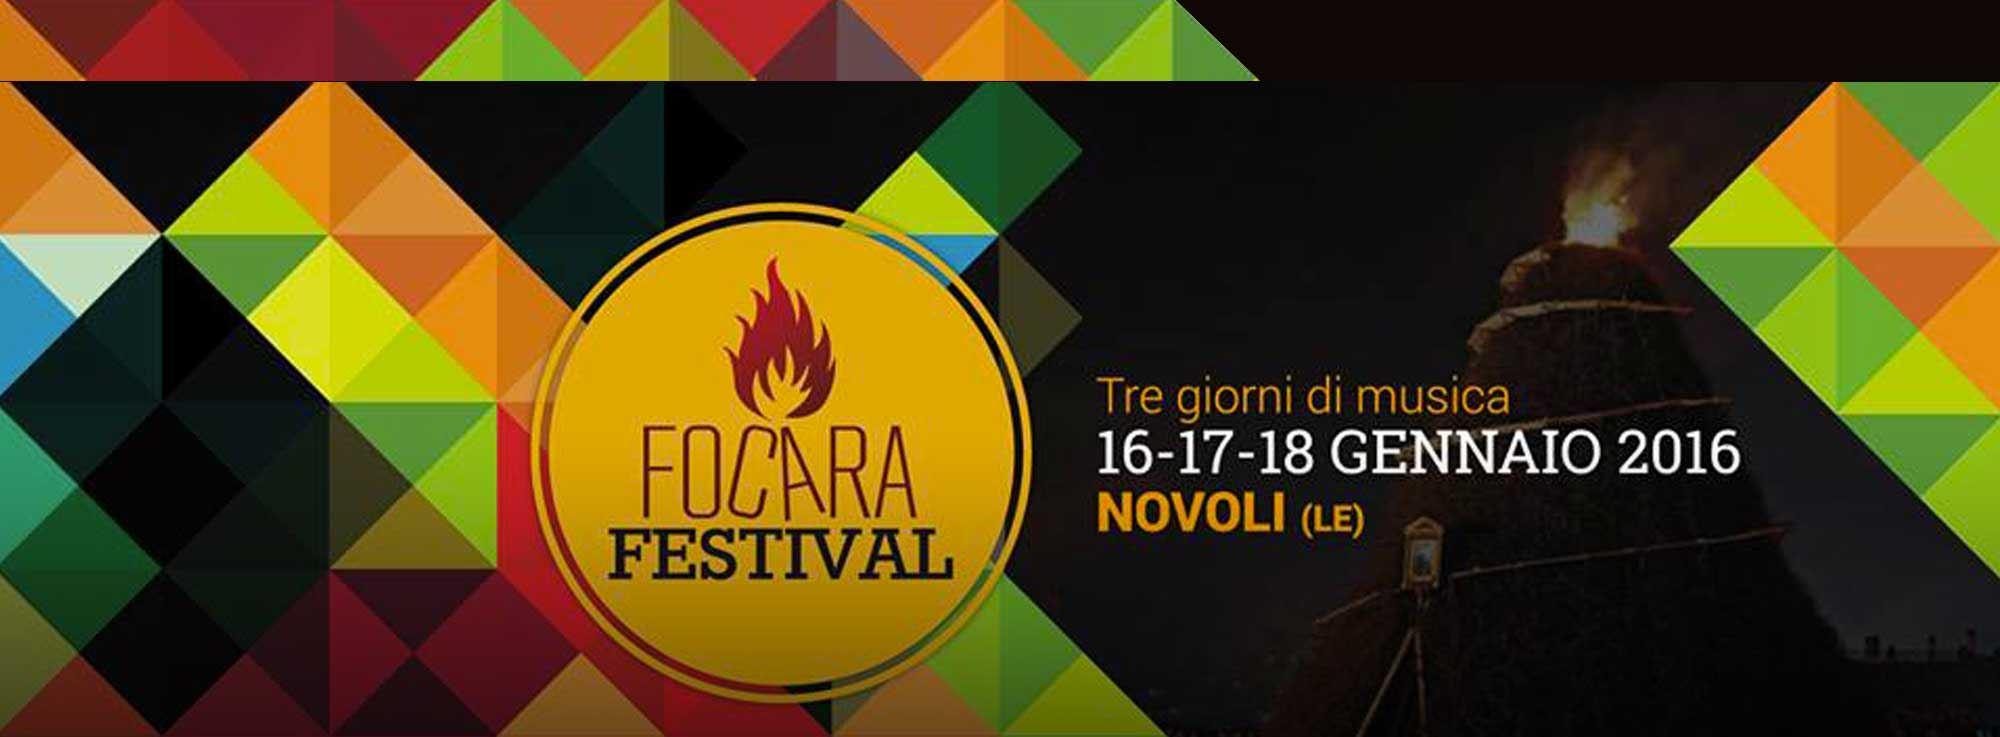 Novoli: Focara Festival